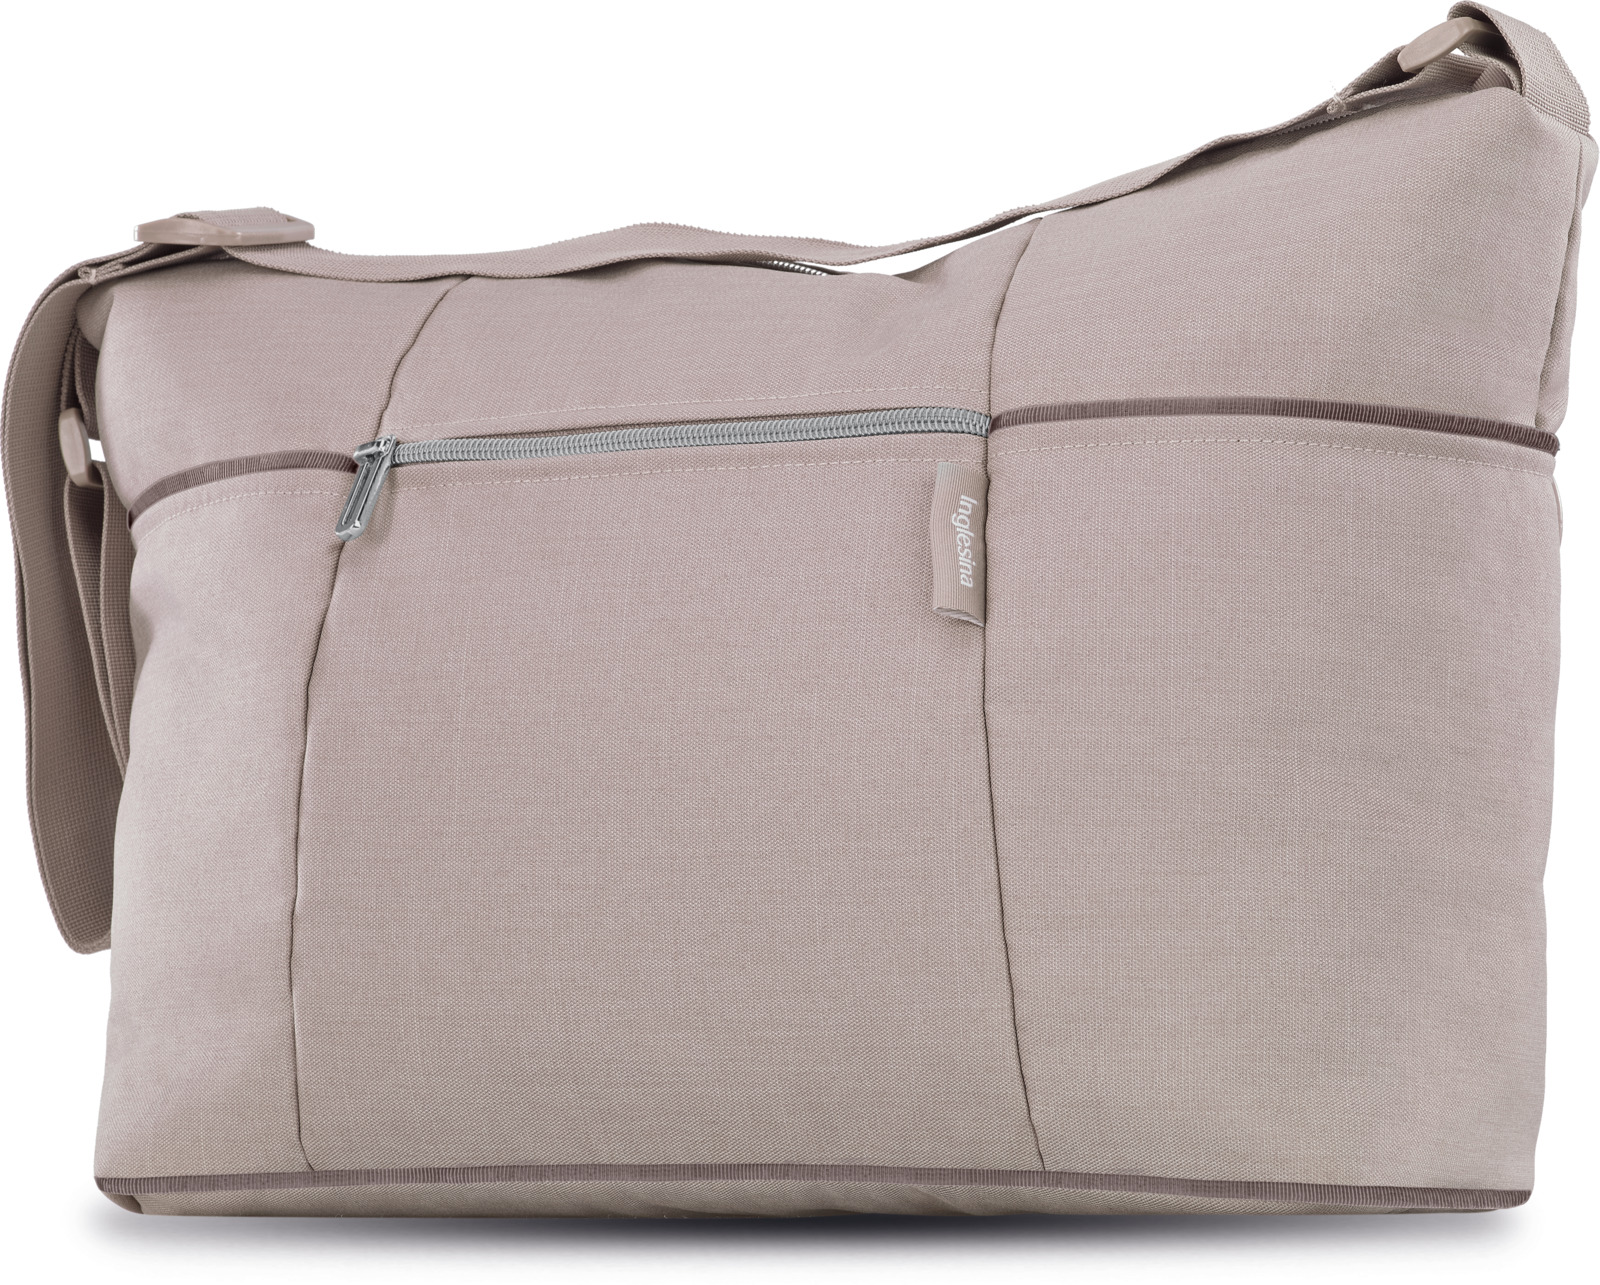 Сумка для коляски Inglesina Trilogy Day Bag, AX35K0ACB, Alpaca BeigeAX35K0ACBDay Bag - практичная современная сумка на каждый день, аккуратная форма и современный дизайн которой гармонично сочетаются со всеми цветовыми решениями моделей TRILOGY, TRILOGY PLUS, QUAD, SOFIA. Основные характеристики:• Вместительная и функциональная • Легко моющаяся подкладка внутри сумки• Удобный, регулируемый по длине плечевой ремень • Практичные и функциональные ремни крепления к шасси • Легко моющийся мягкий пеленальный матрасик• Внутренние карманыТехническая информация:Размеры: 38x28x16 см